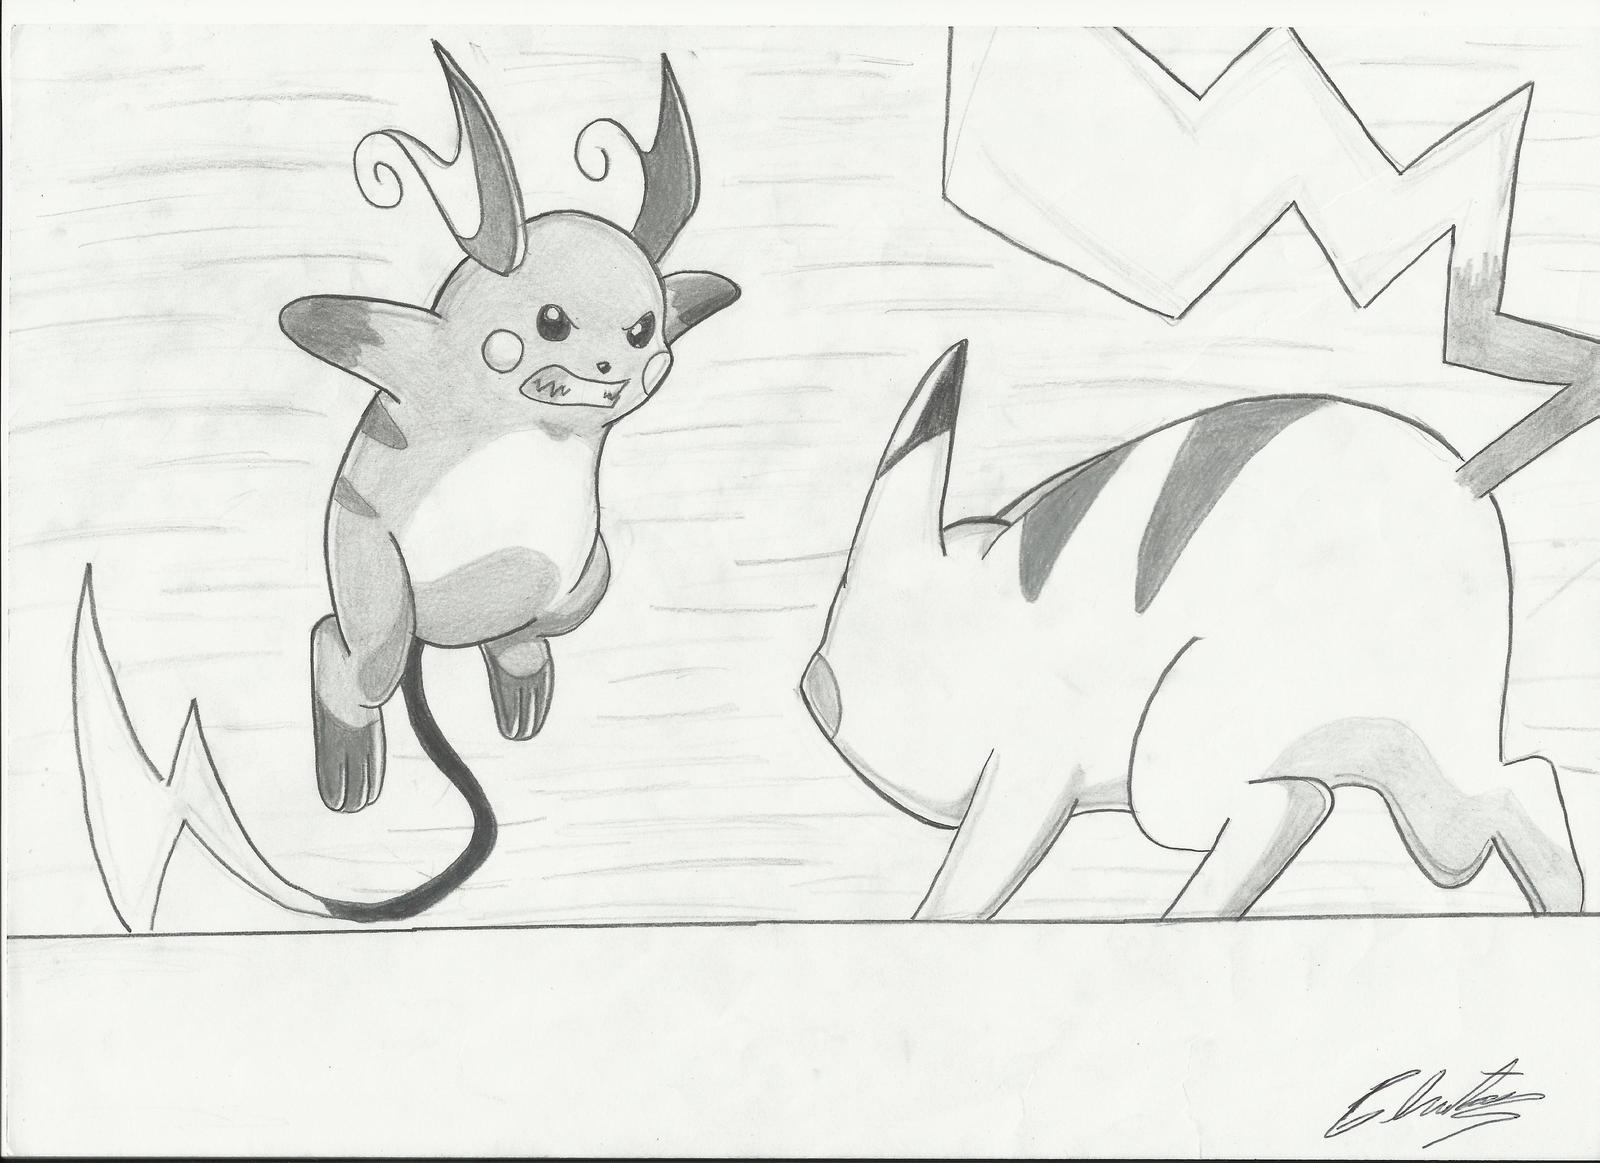 Pikachu Vs Raichu Drawing By Krizeii On Deviantart